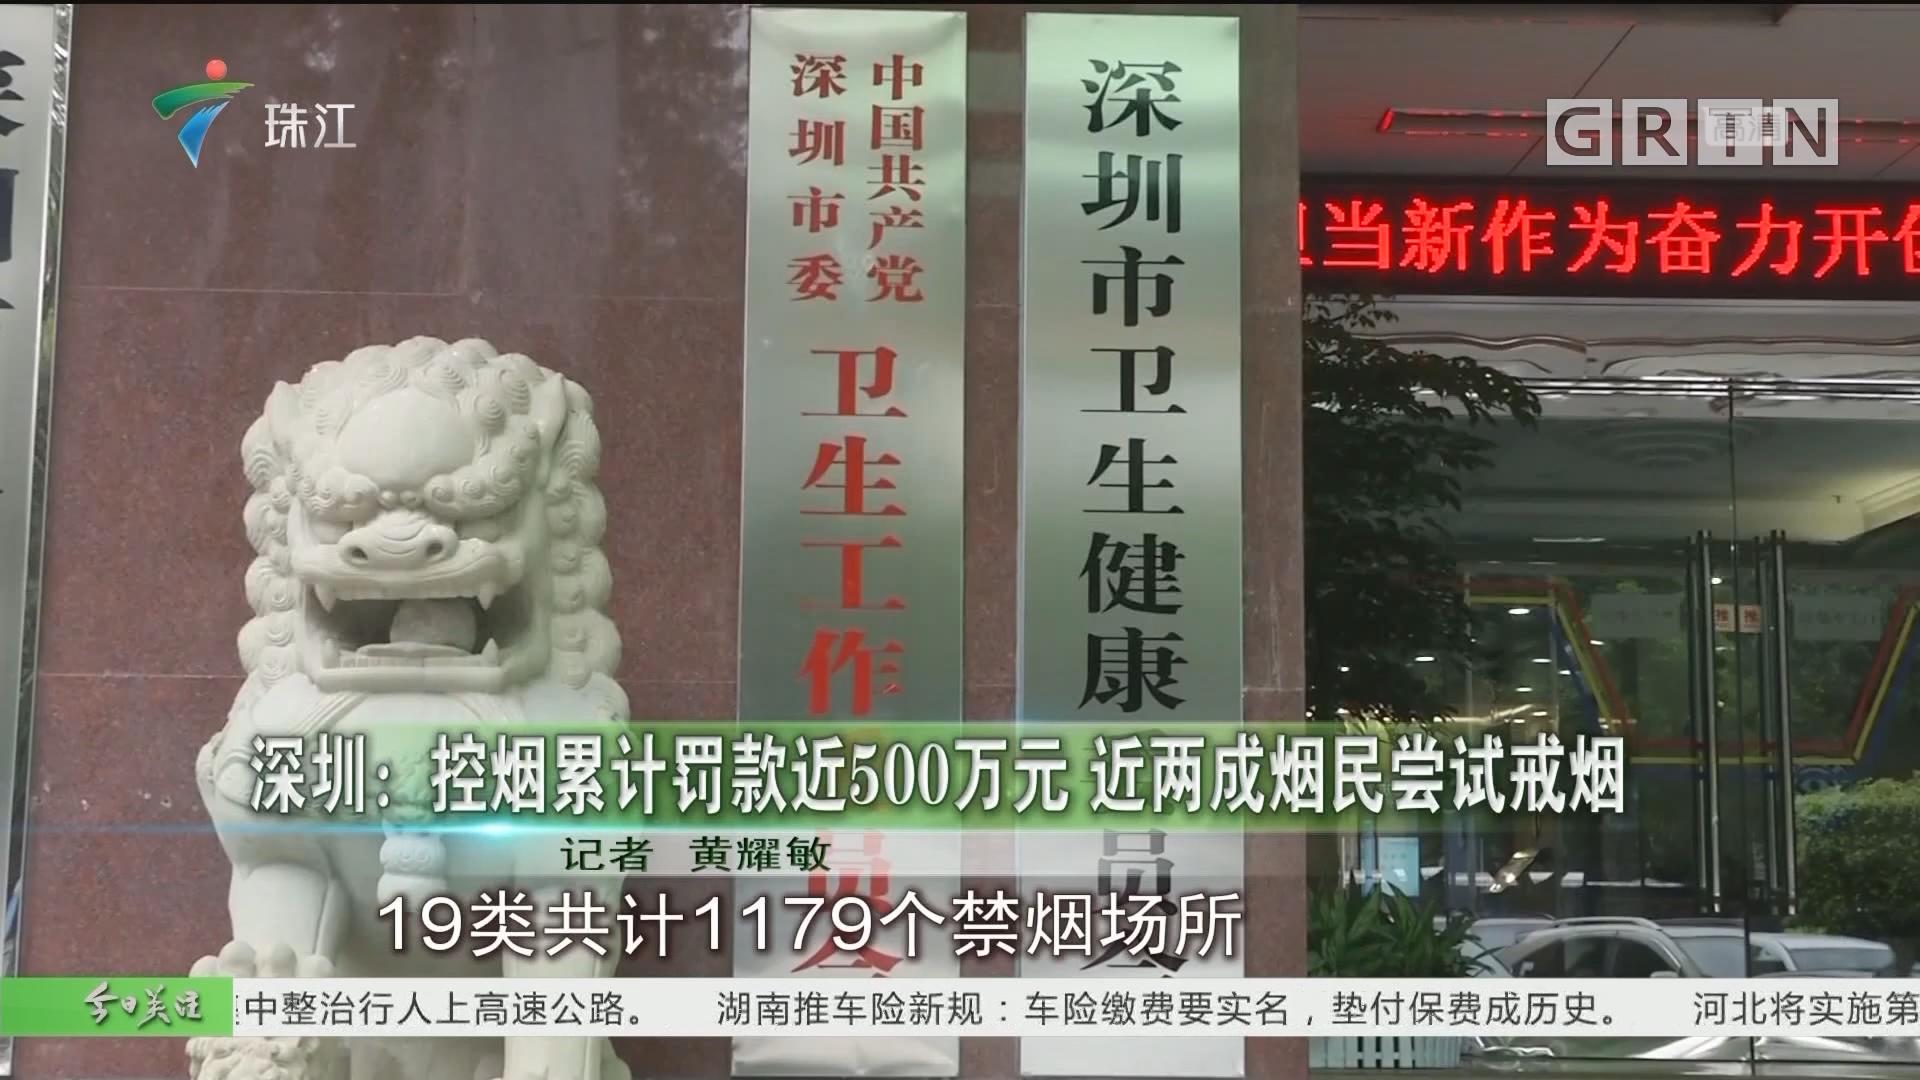 深圳:控烟累计罚款近500万元 近两成烟民尝试戒烟